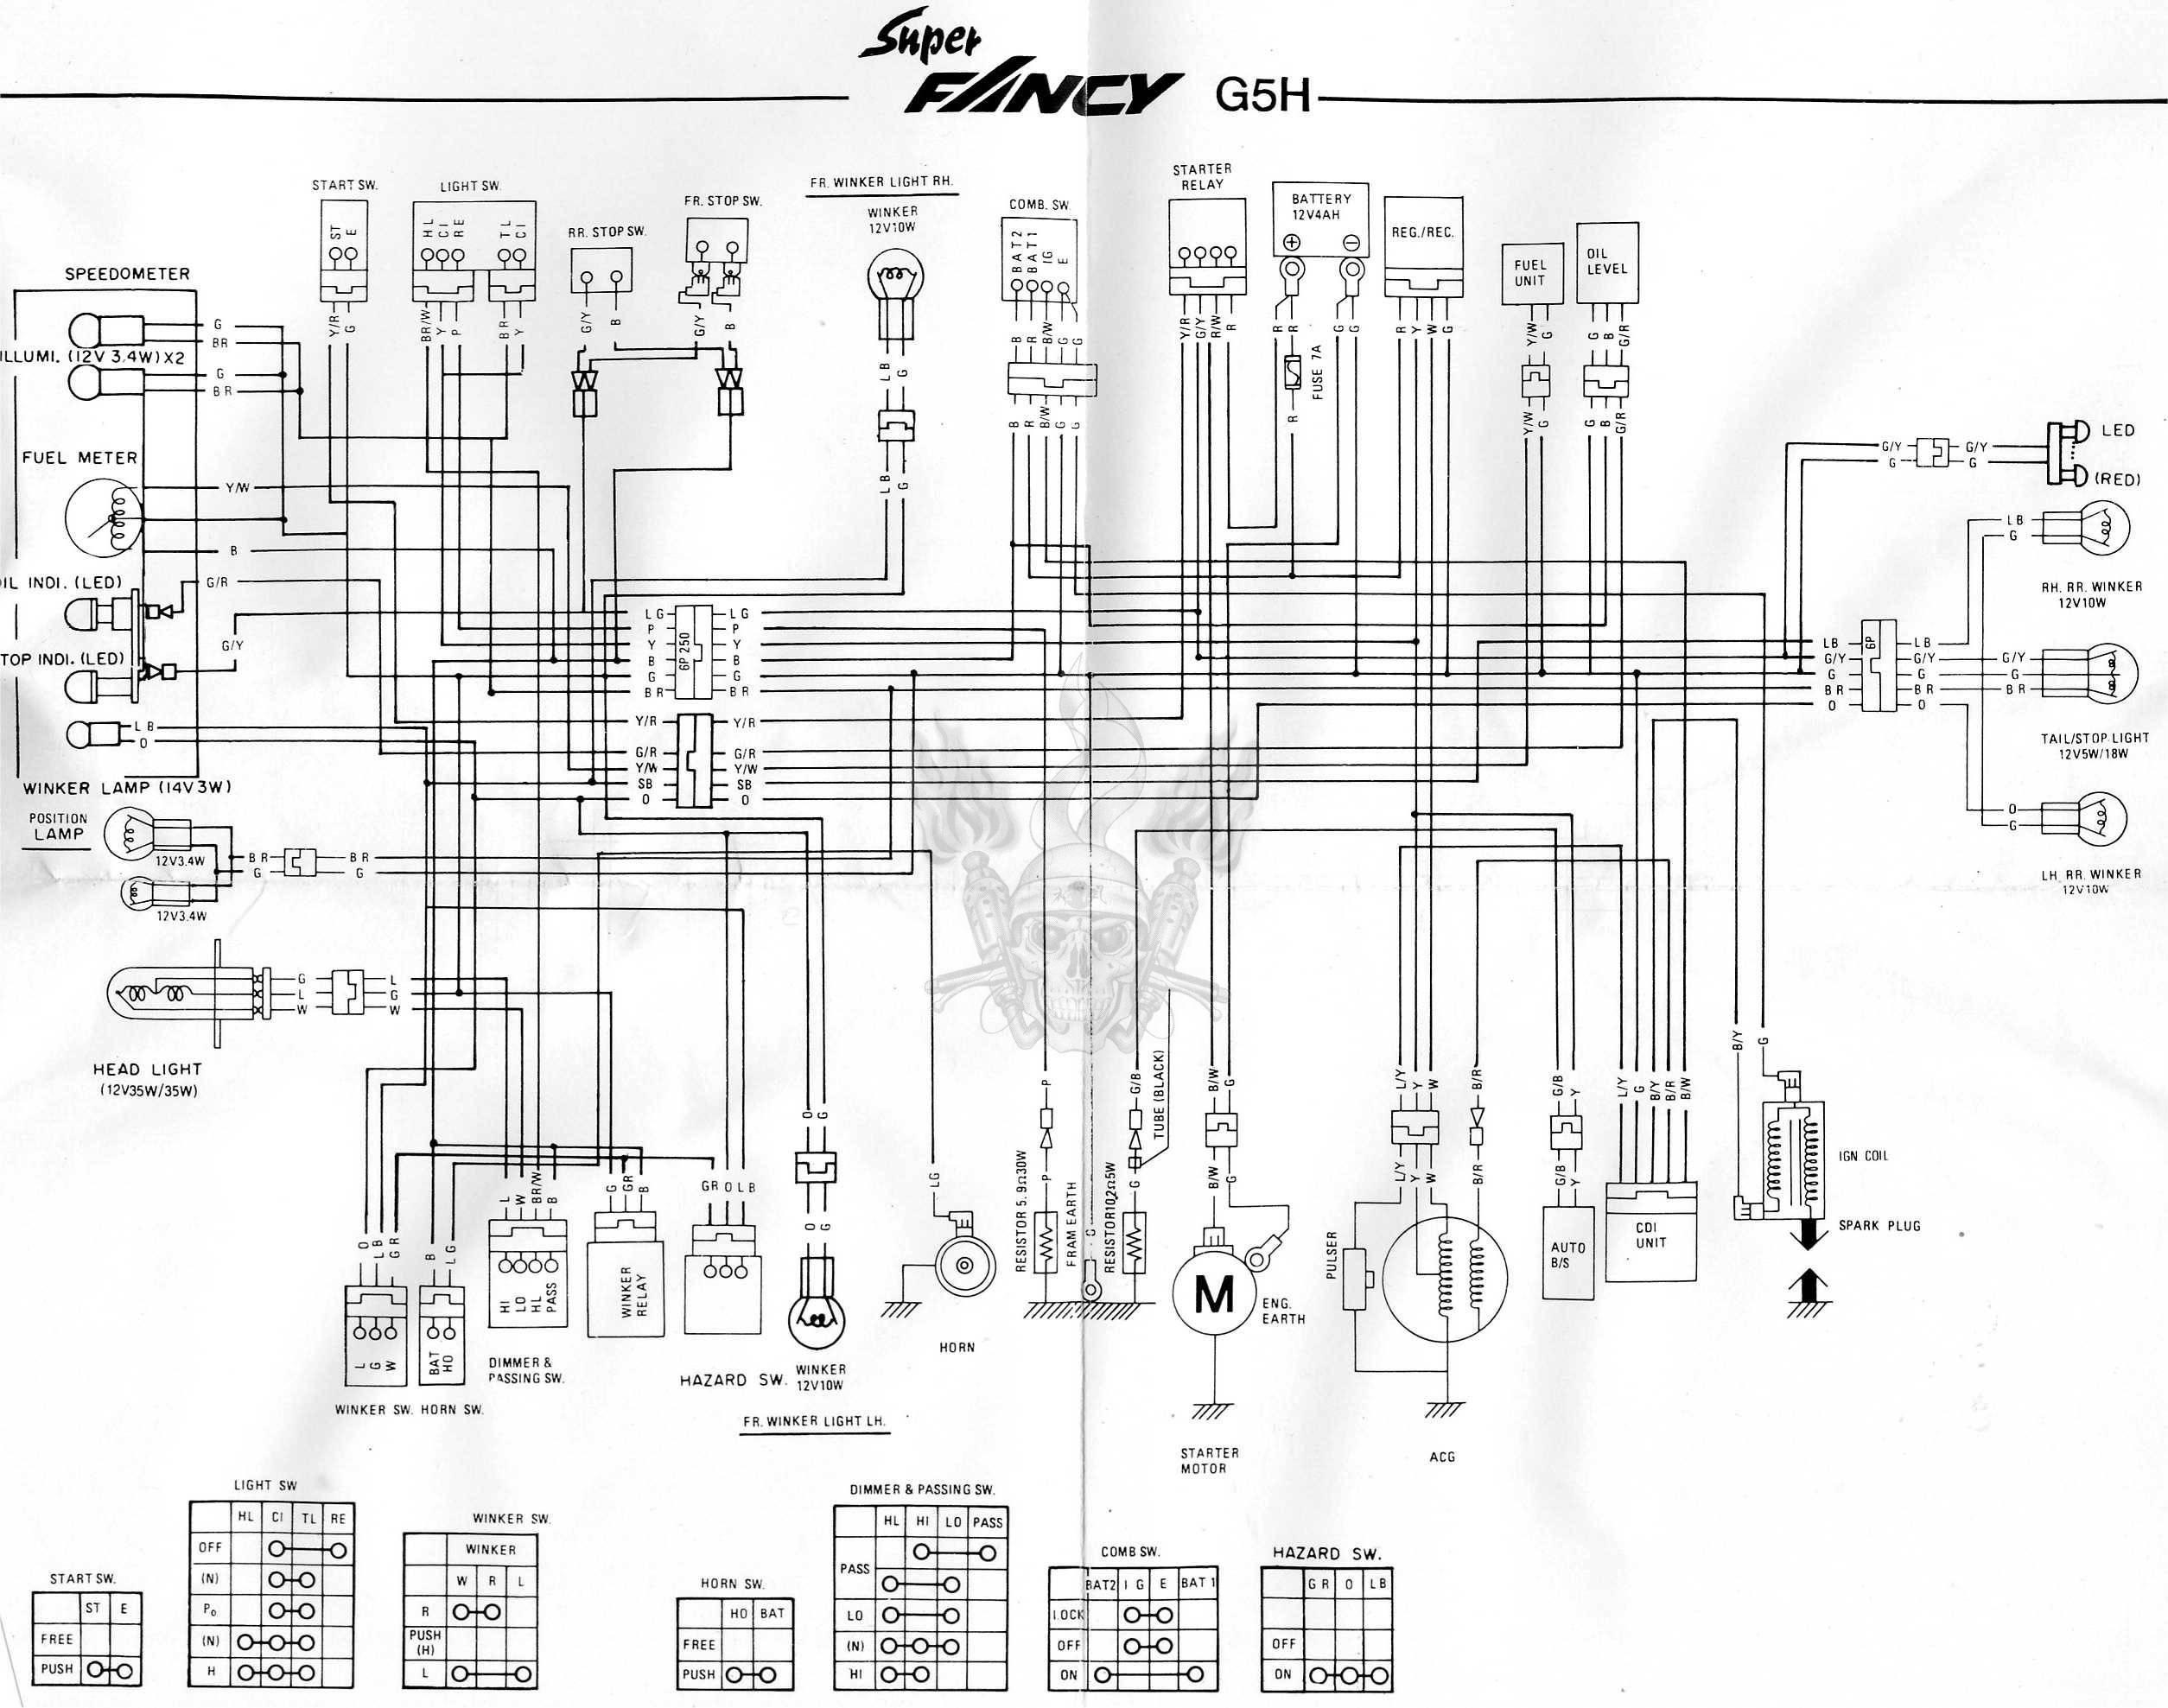 Схема электрооборудования скутеров Kymco Super Fancy G5H